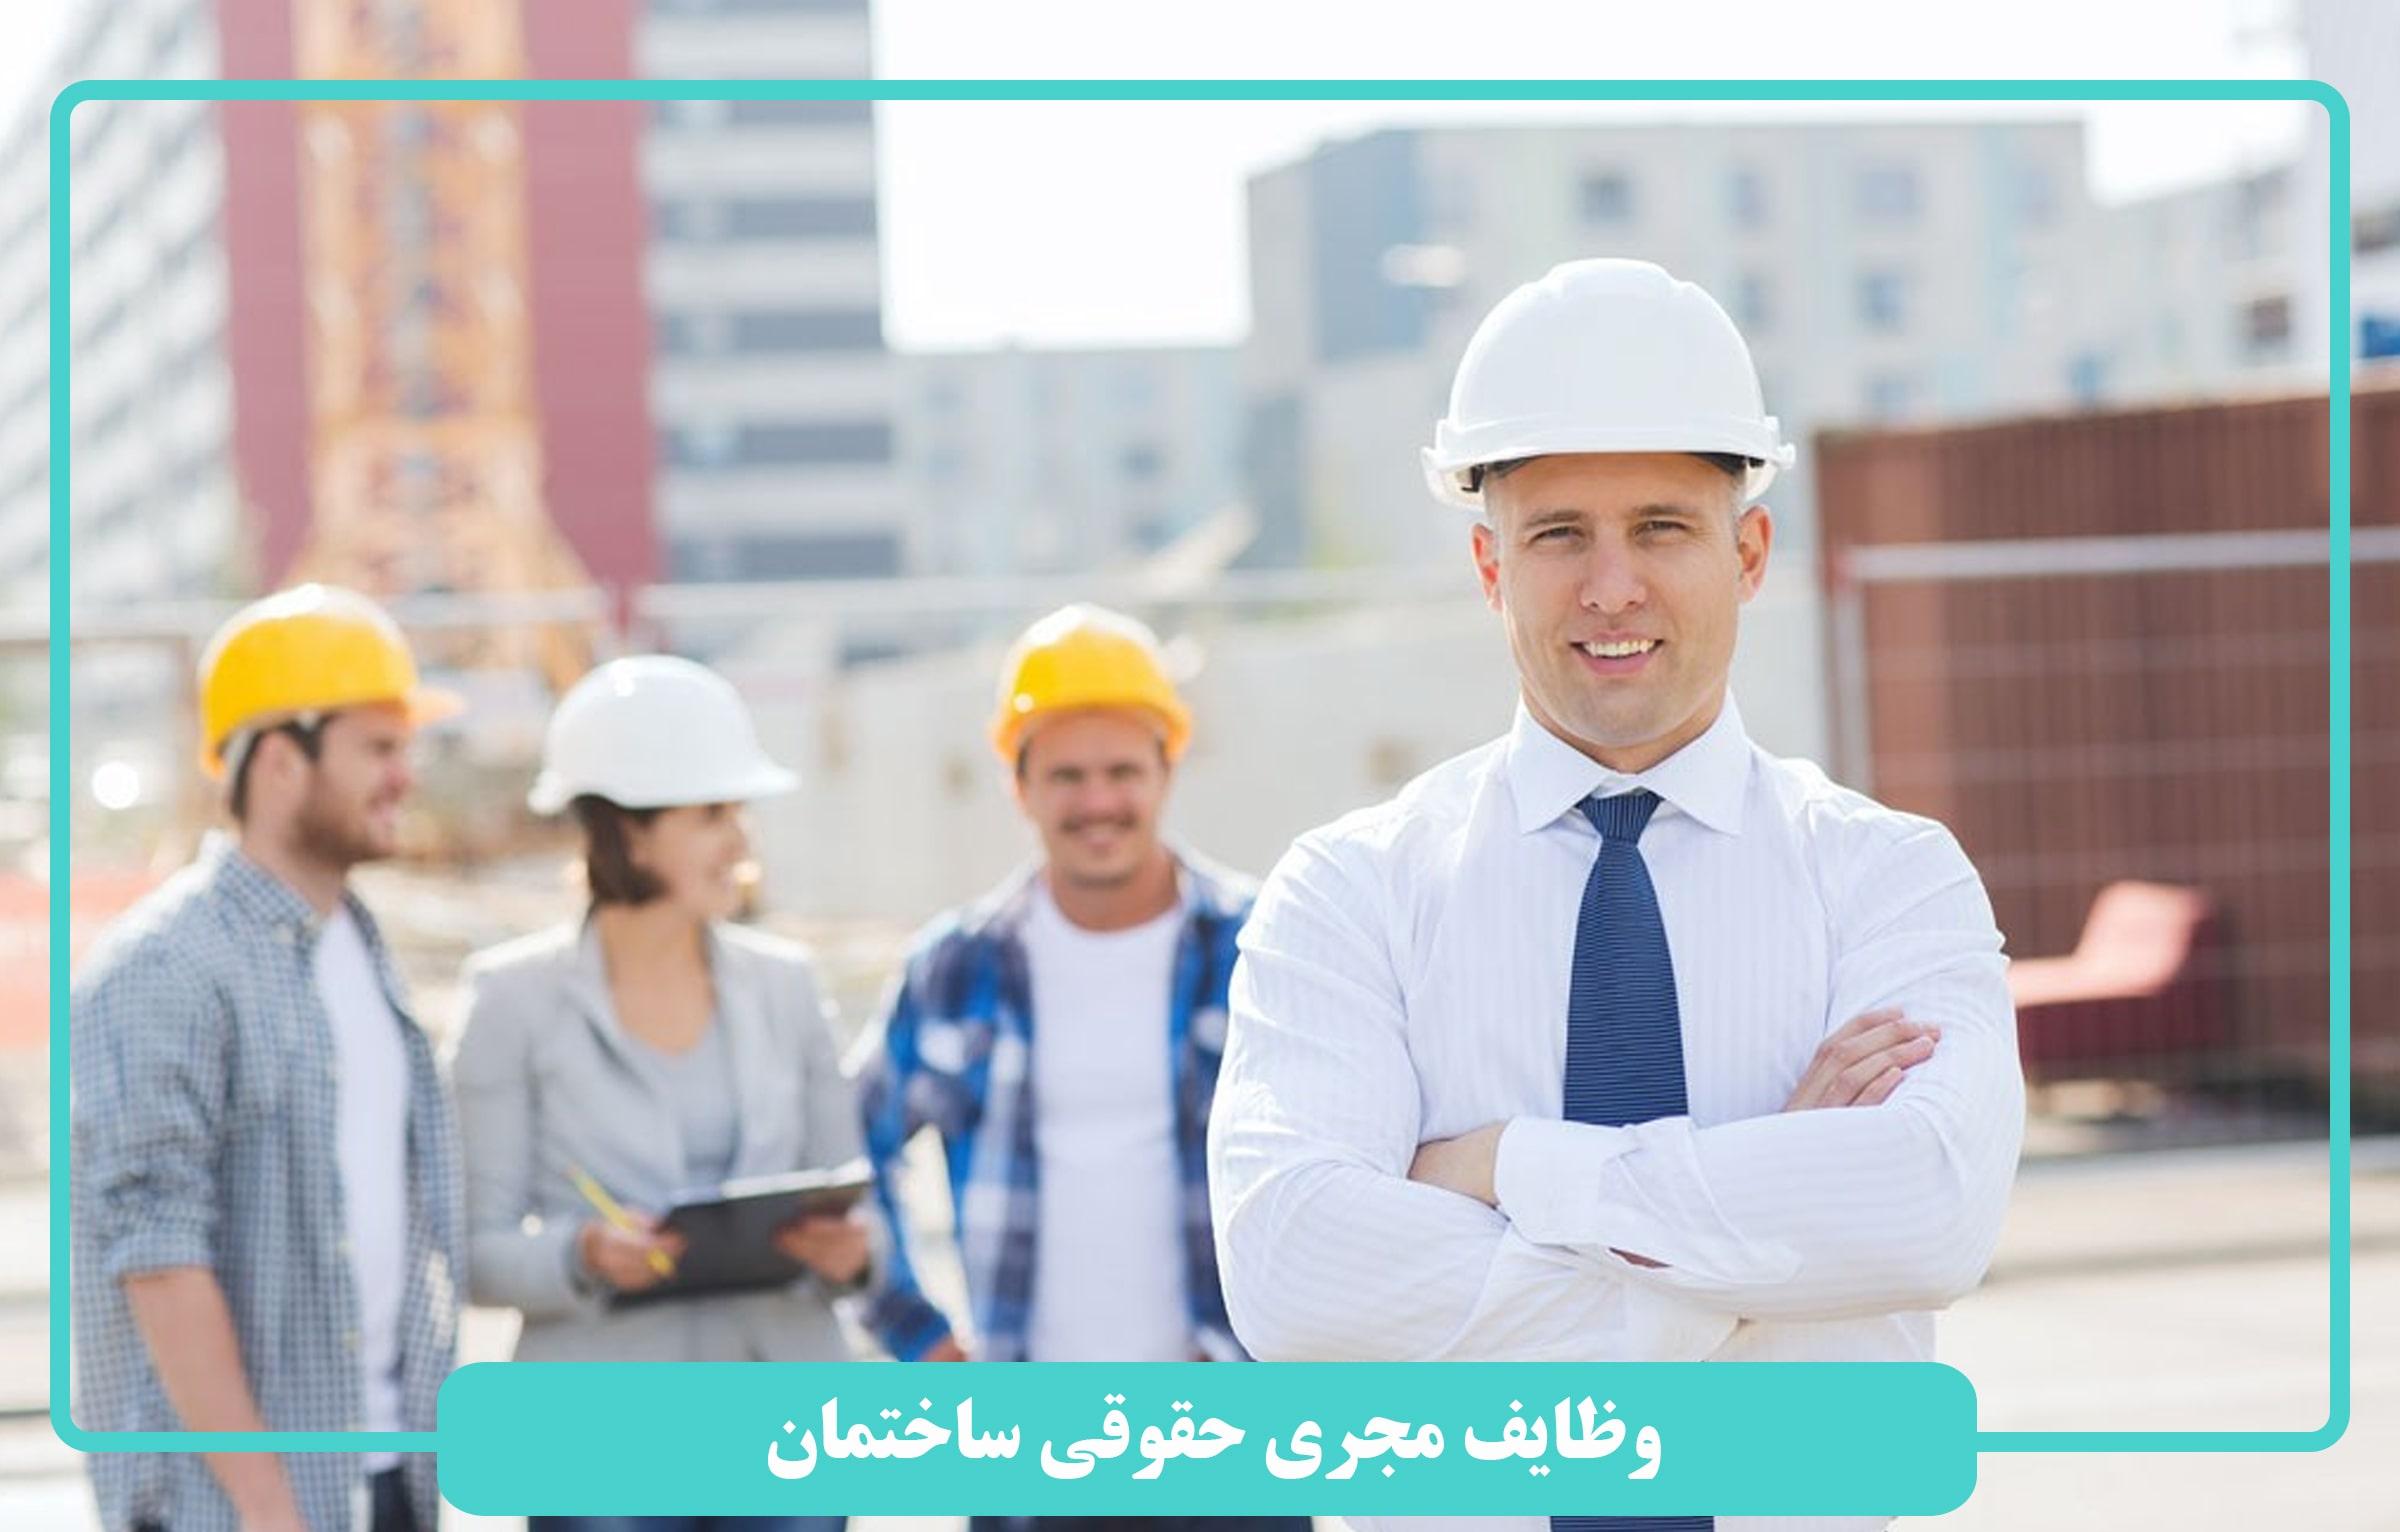 وظايف مجری حقوقی ساختمان